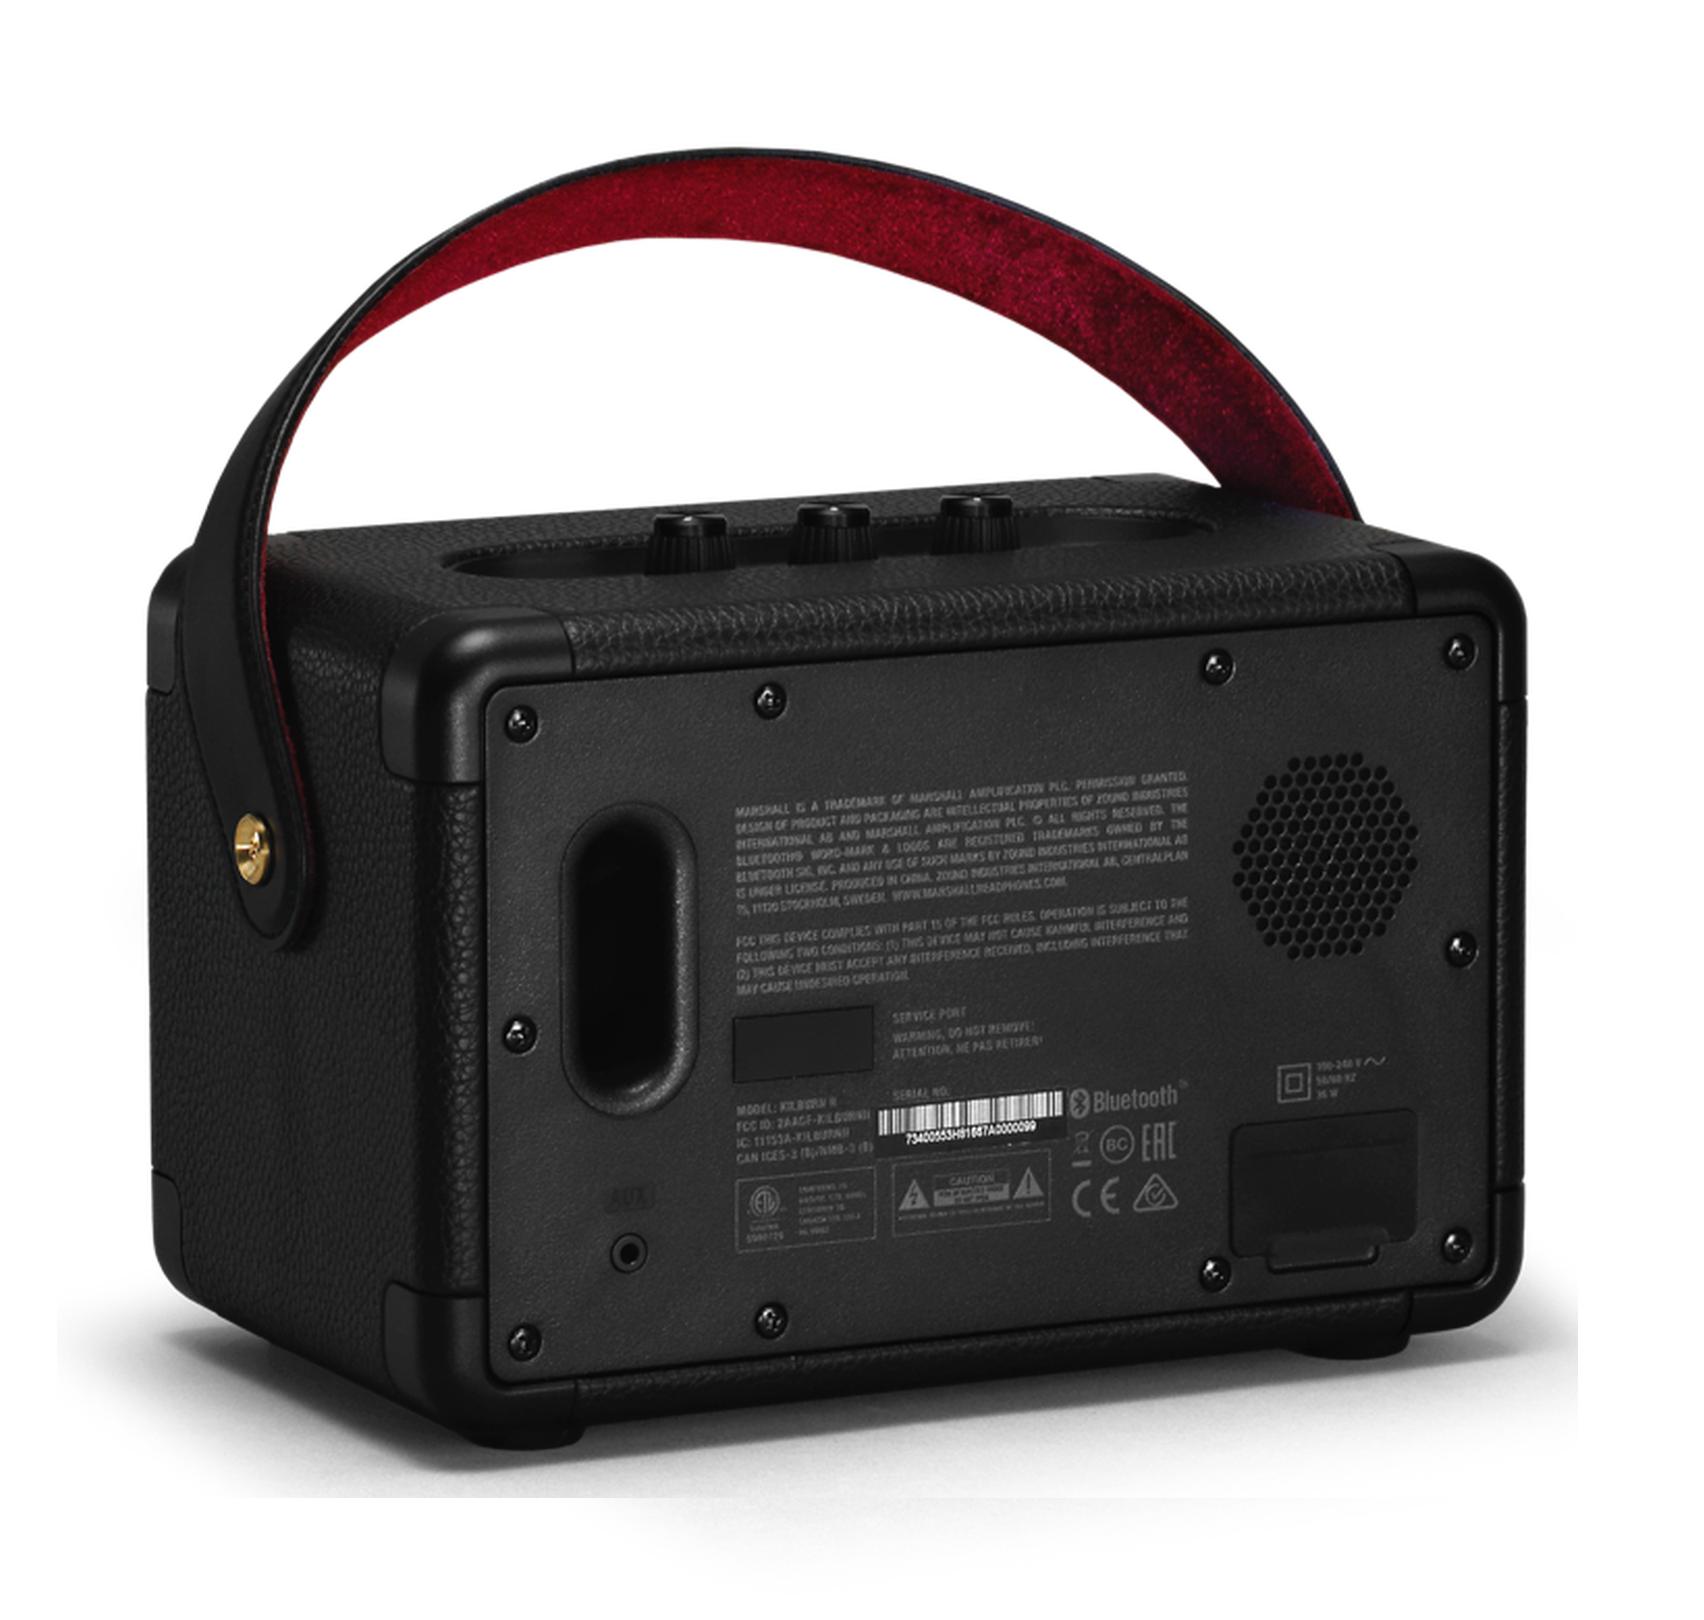 Loa Marshall Kilburn II Bluetooth-1